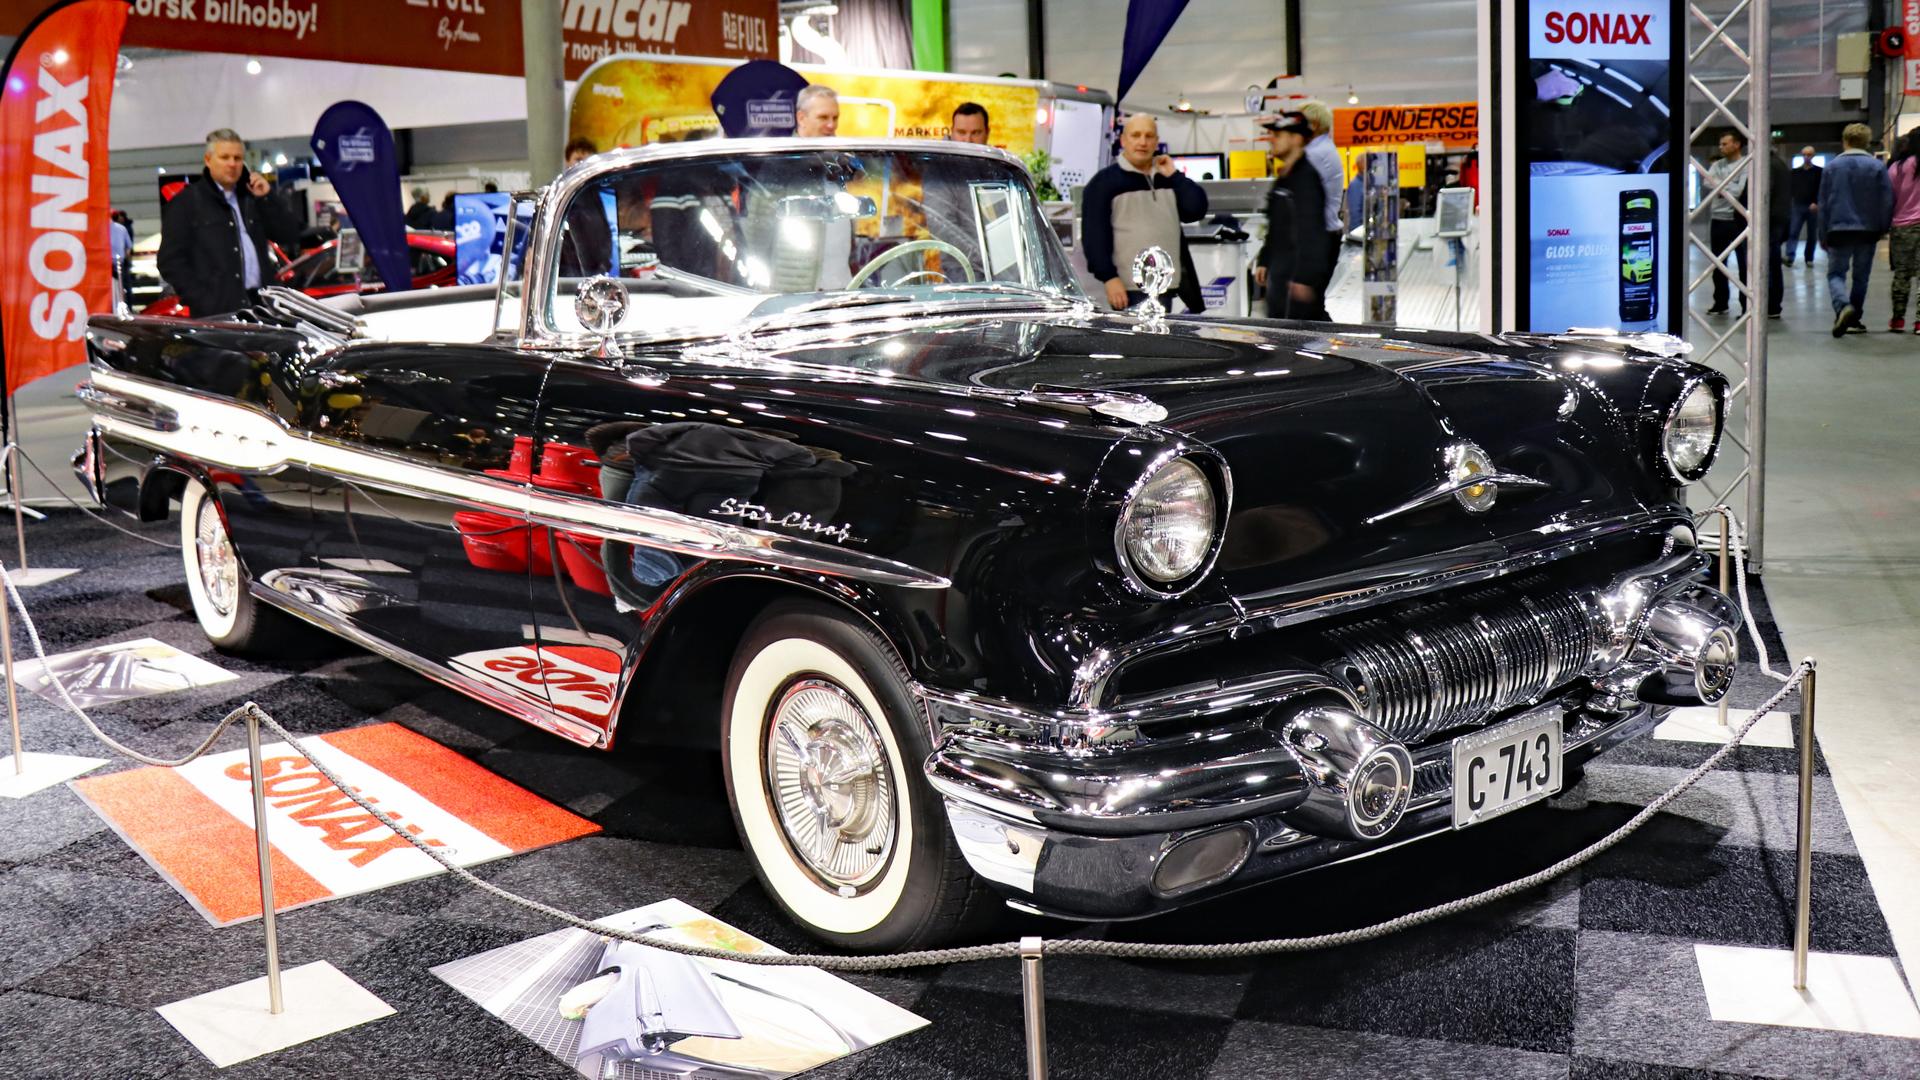 001-1957 Pontiac Star Chief convertible 03, Eier-m